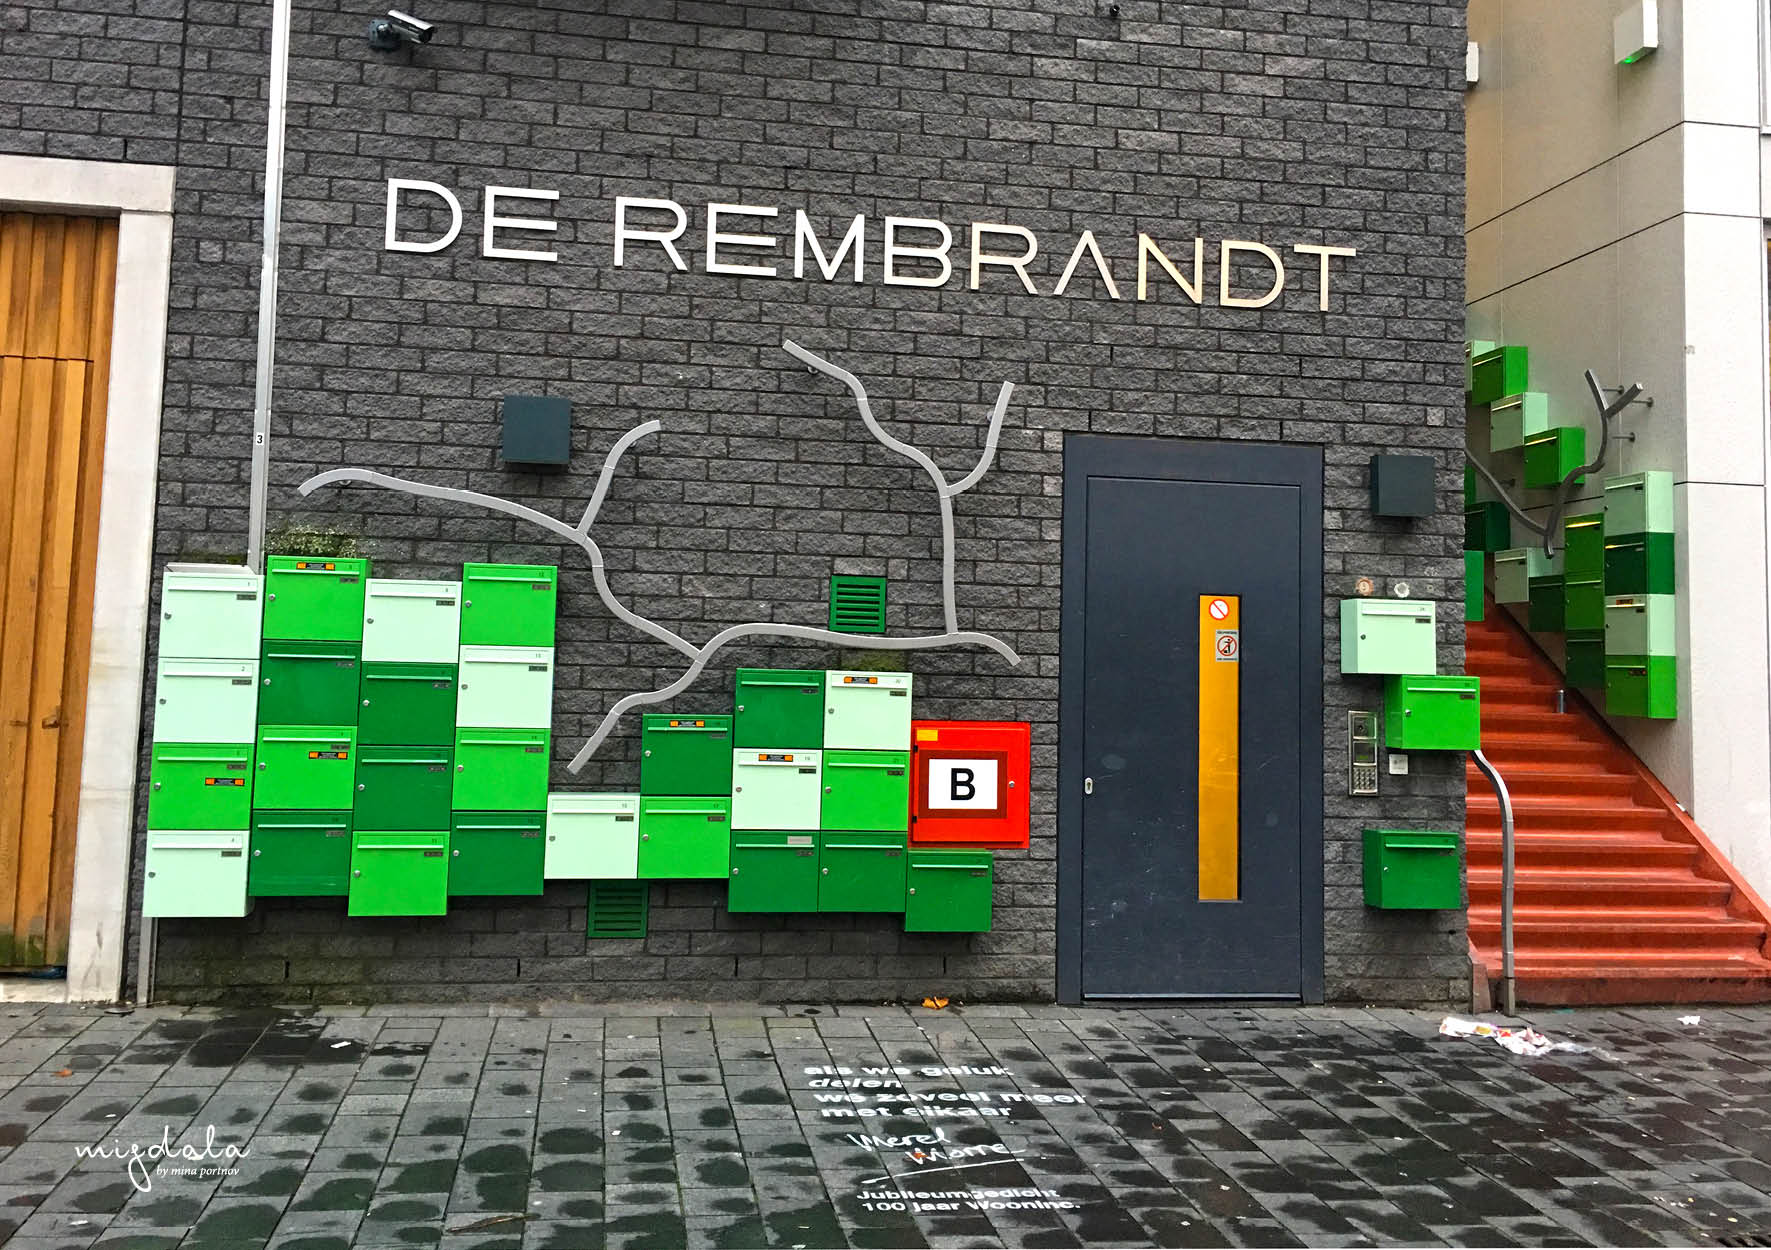 סימטת רחוב בעיר העתיקה, איינדהובן שבוע העיצוב ההולנדי 2019